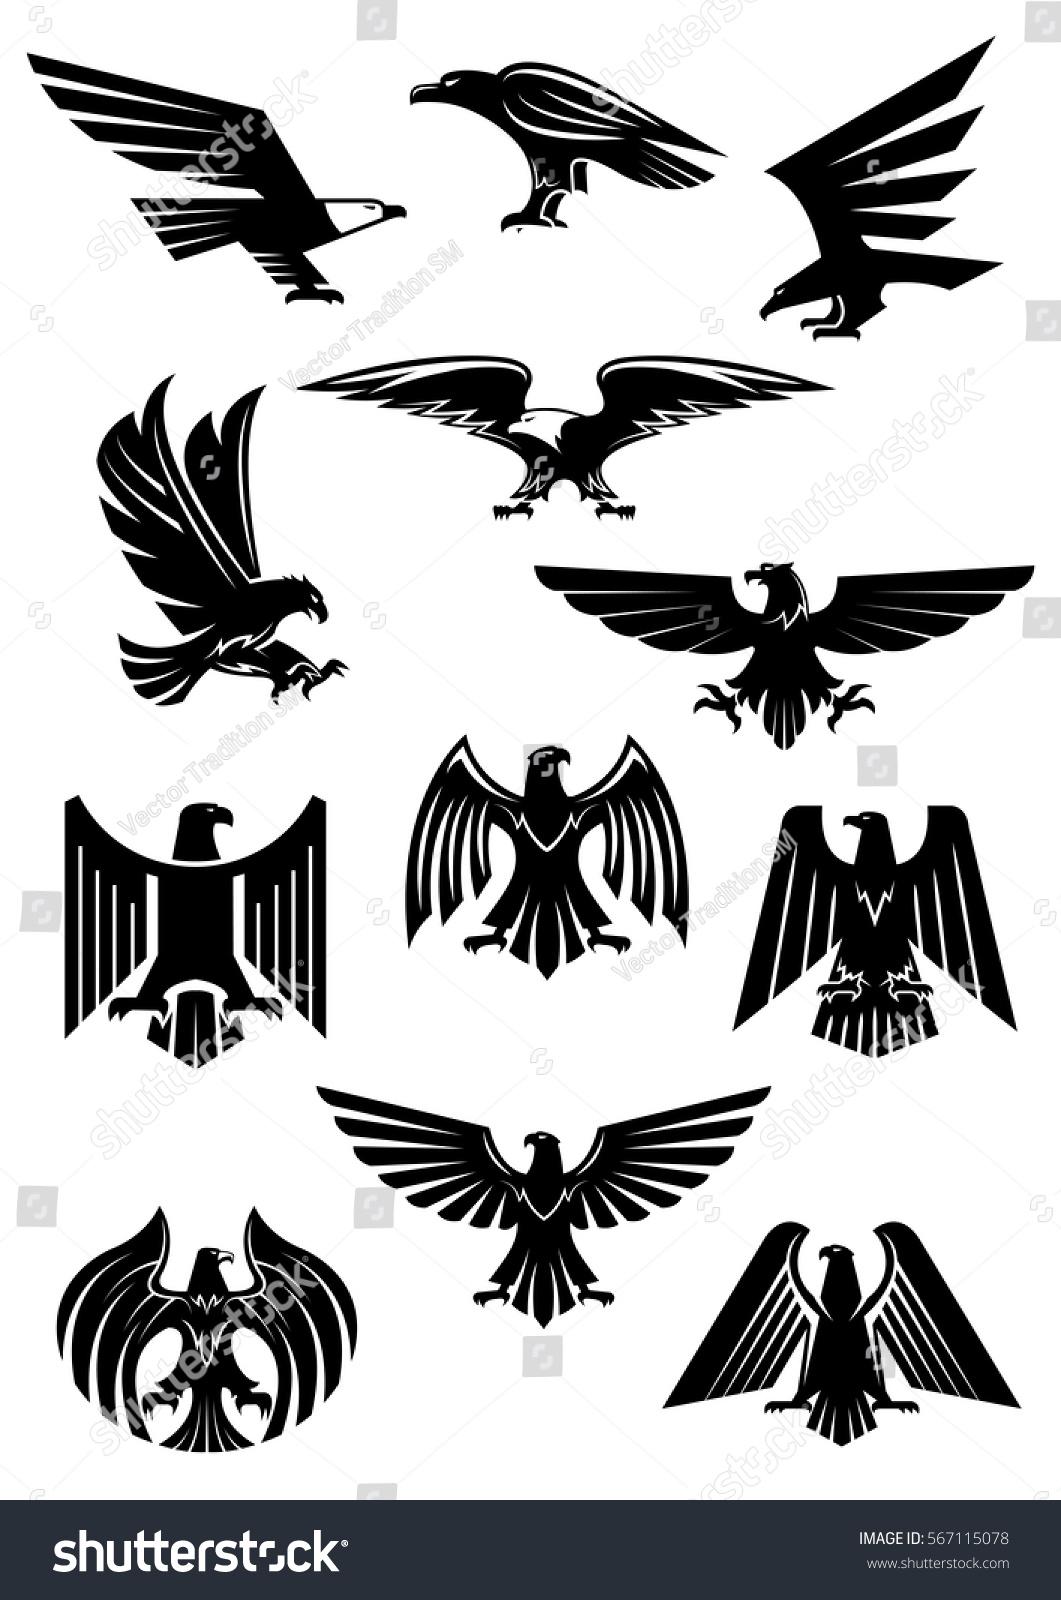 Heraldic Eagle Hawk Falcon Black Birds Stock Vector ...